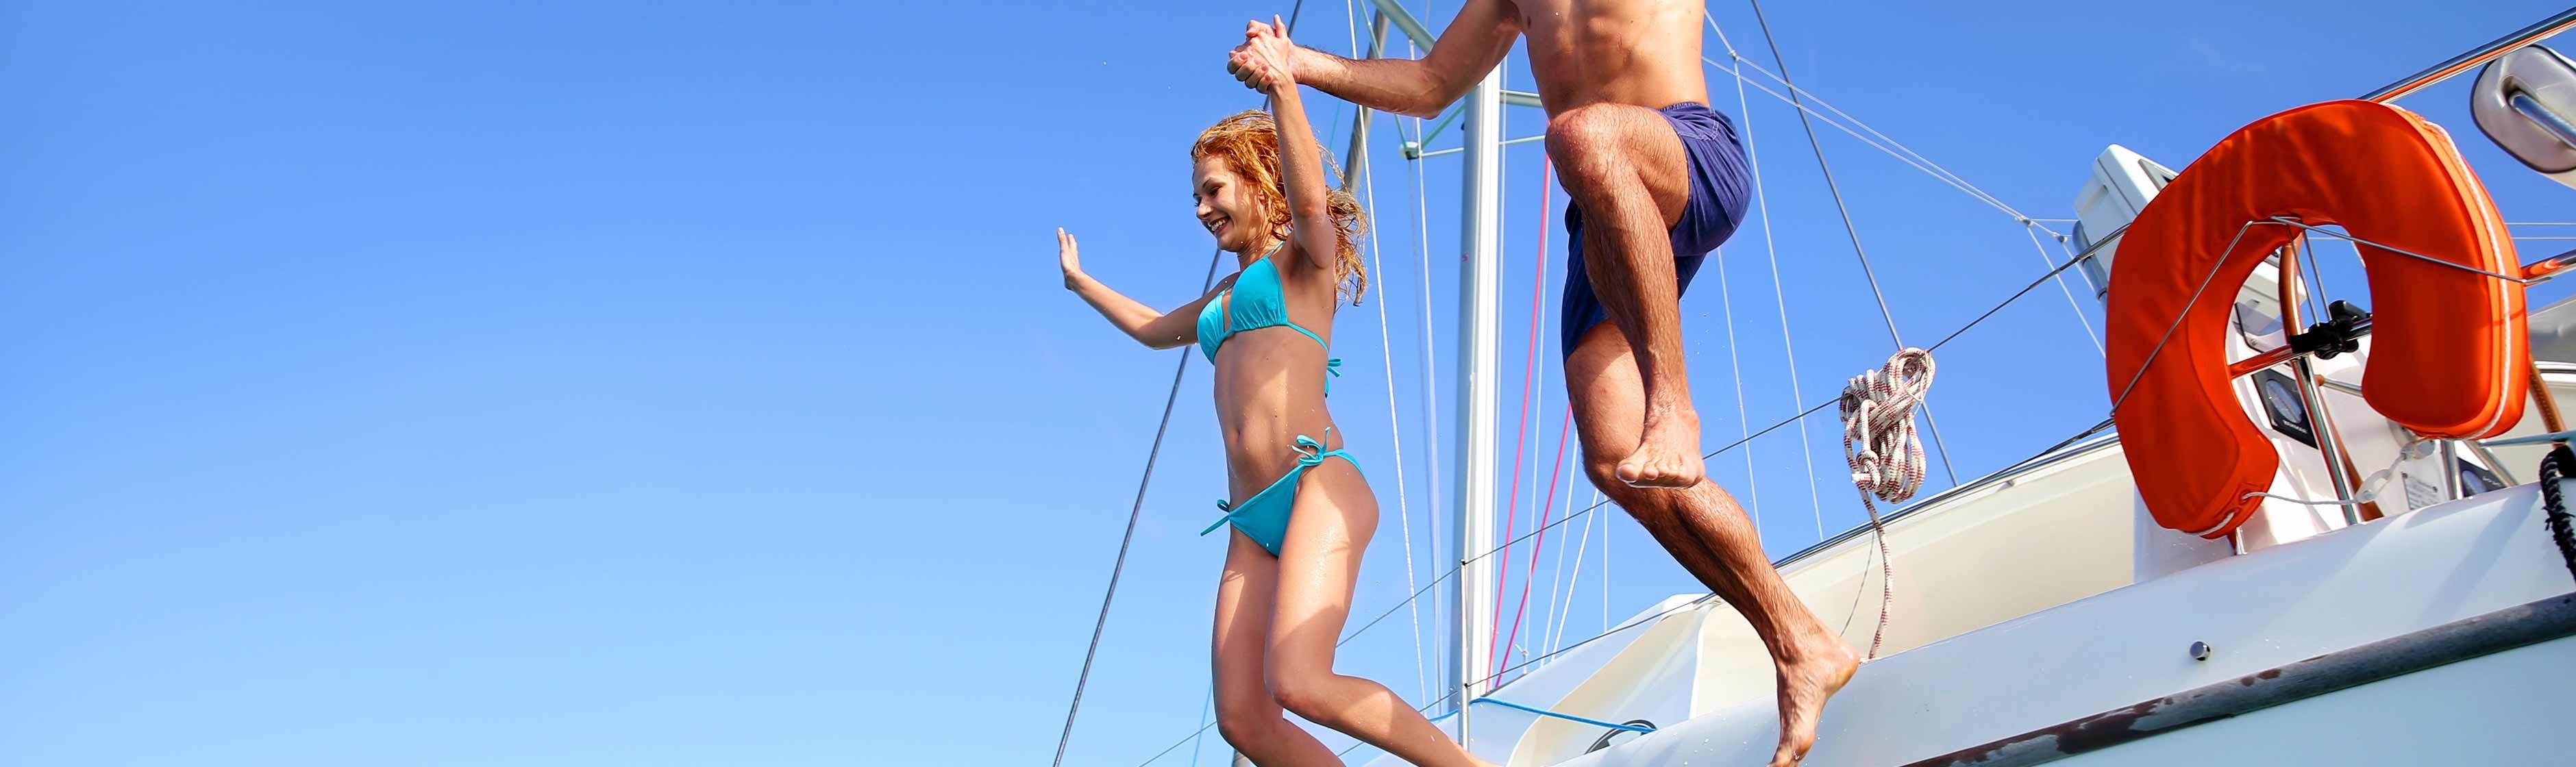 Mensen springen  van boot